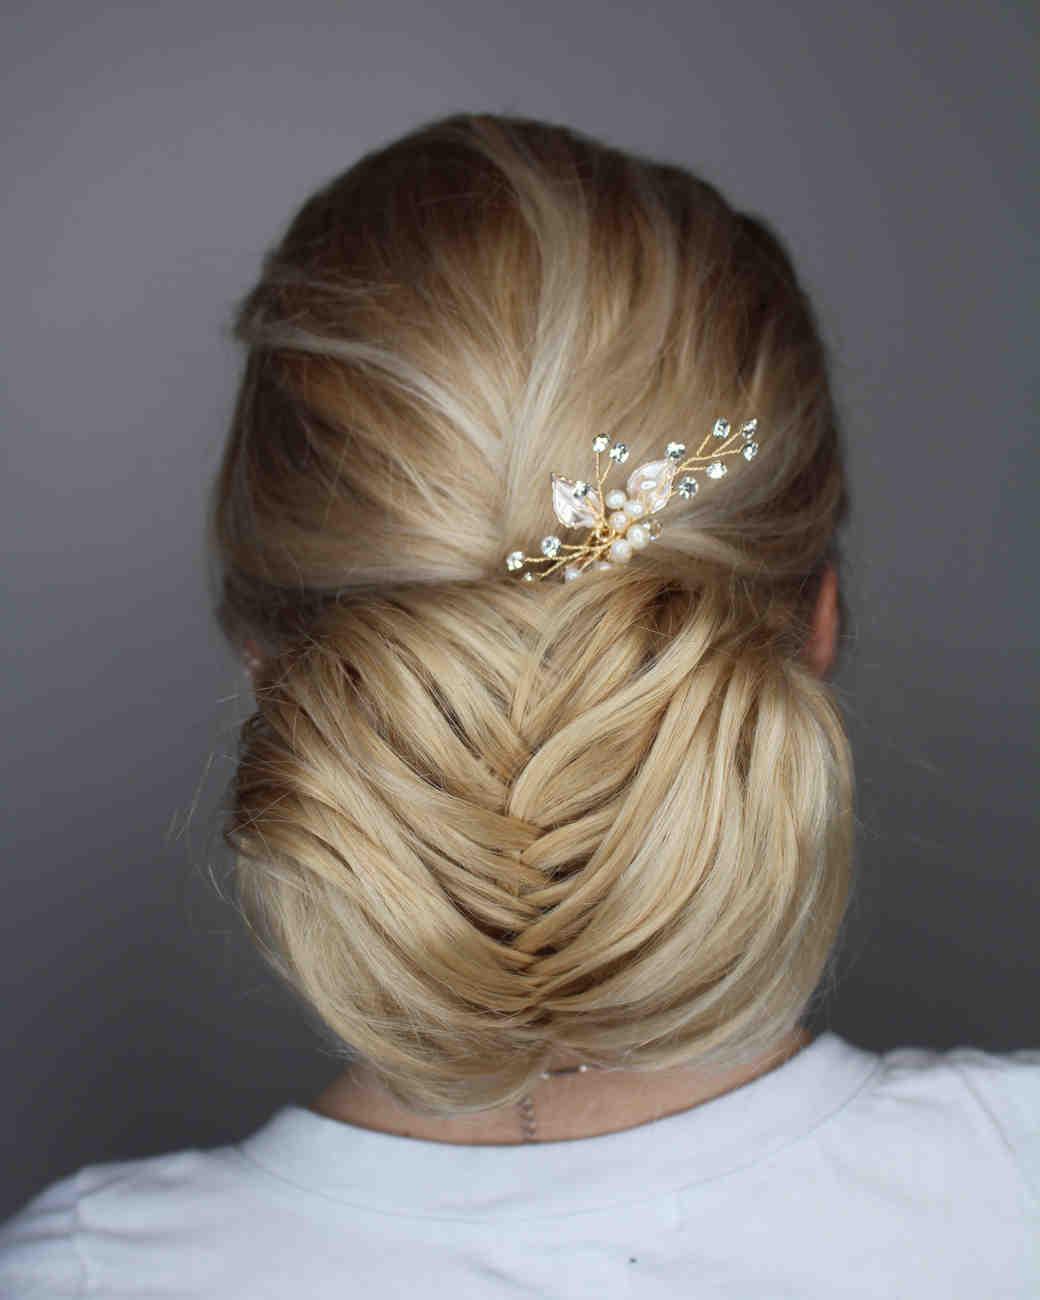 the-new-braid-fishtail-chignon-combination-1215.jpg